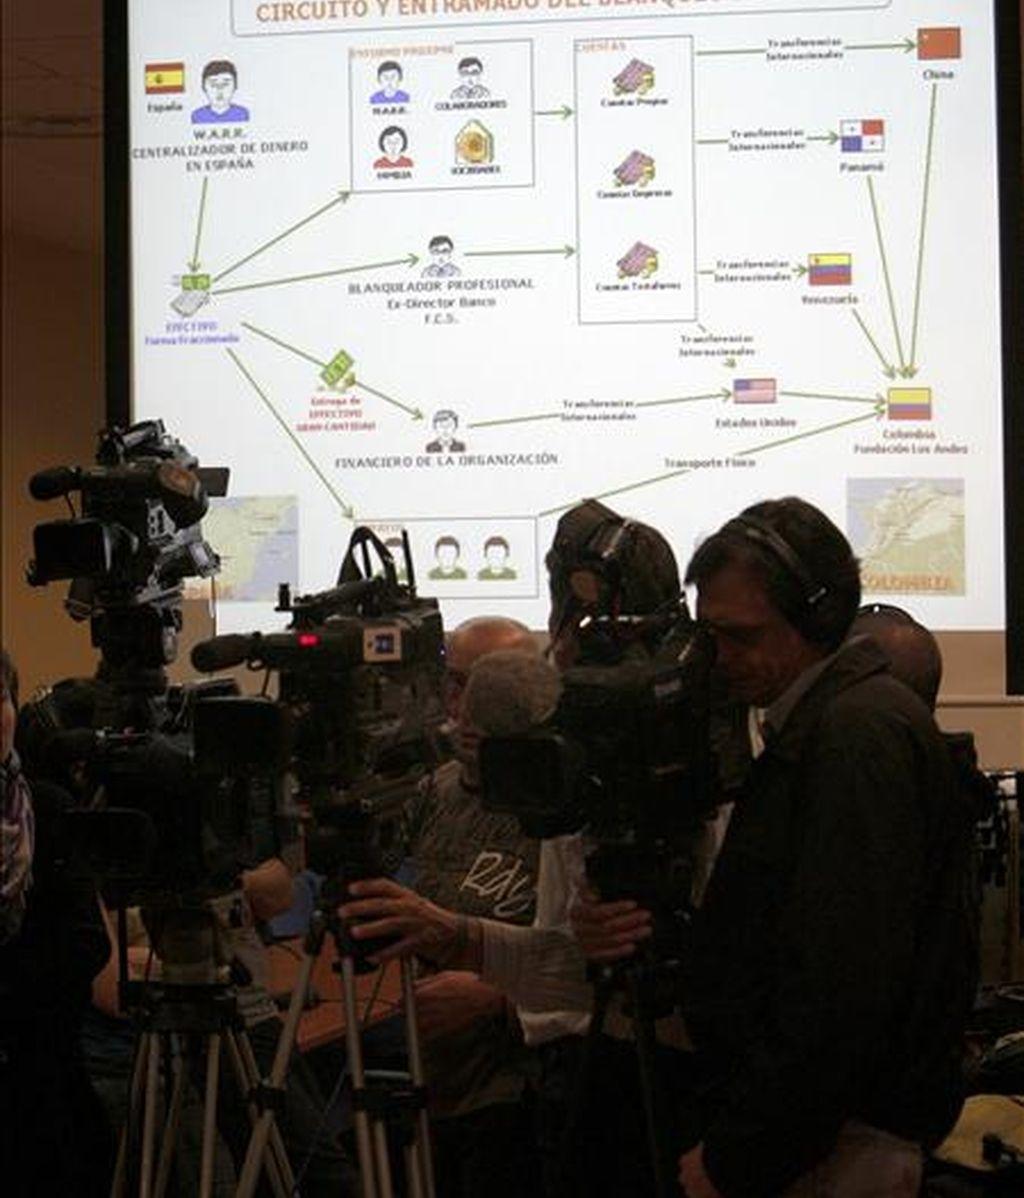 Informadores gráficos, durante la rueda de prensa que ofreció hoy en Madrid la Policía Nacional para informar de la detención de 20 personas y la desarticulación de una red internacional de blanqueo de capitales provenientes del narcotráfico, cuyos miembros habían creado un entramado para transferir los fondos desde España a otros países. EFE